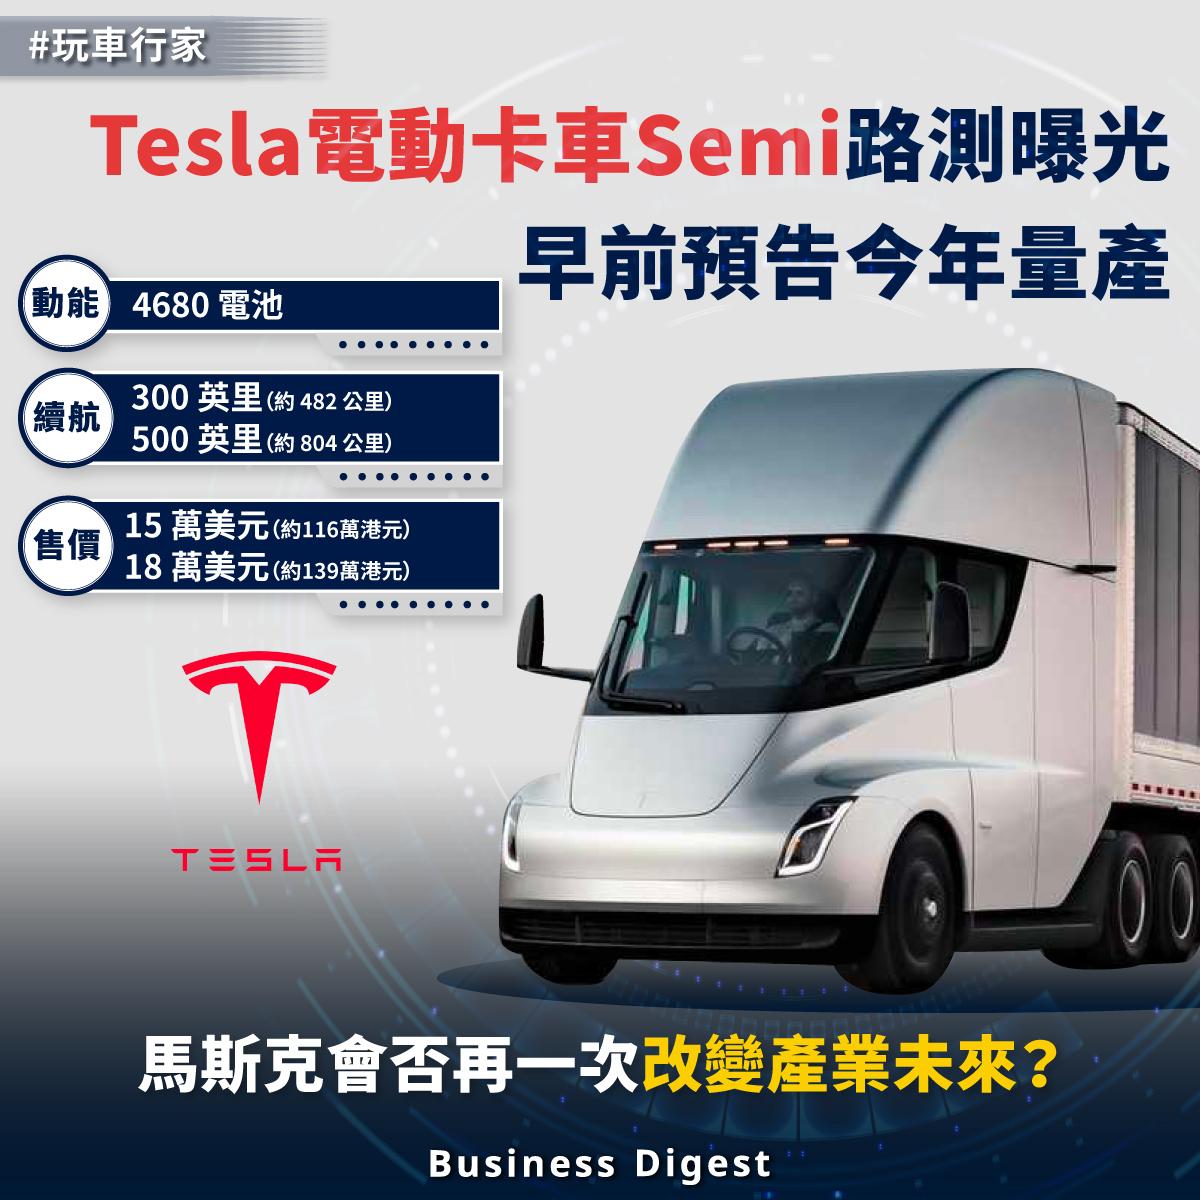 傳聞已久的Tesla首款電動卡車Semi面世指日可待